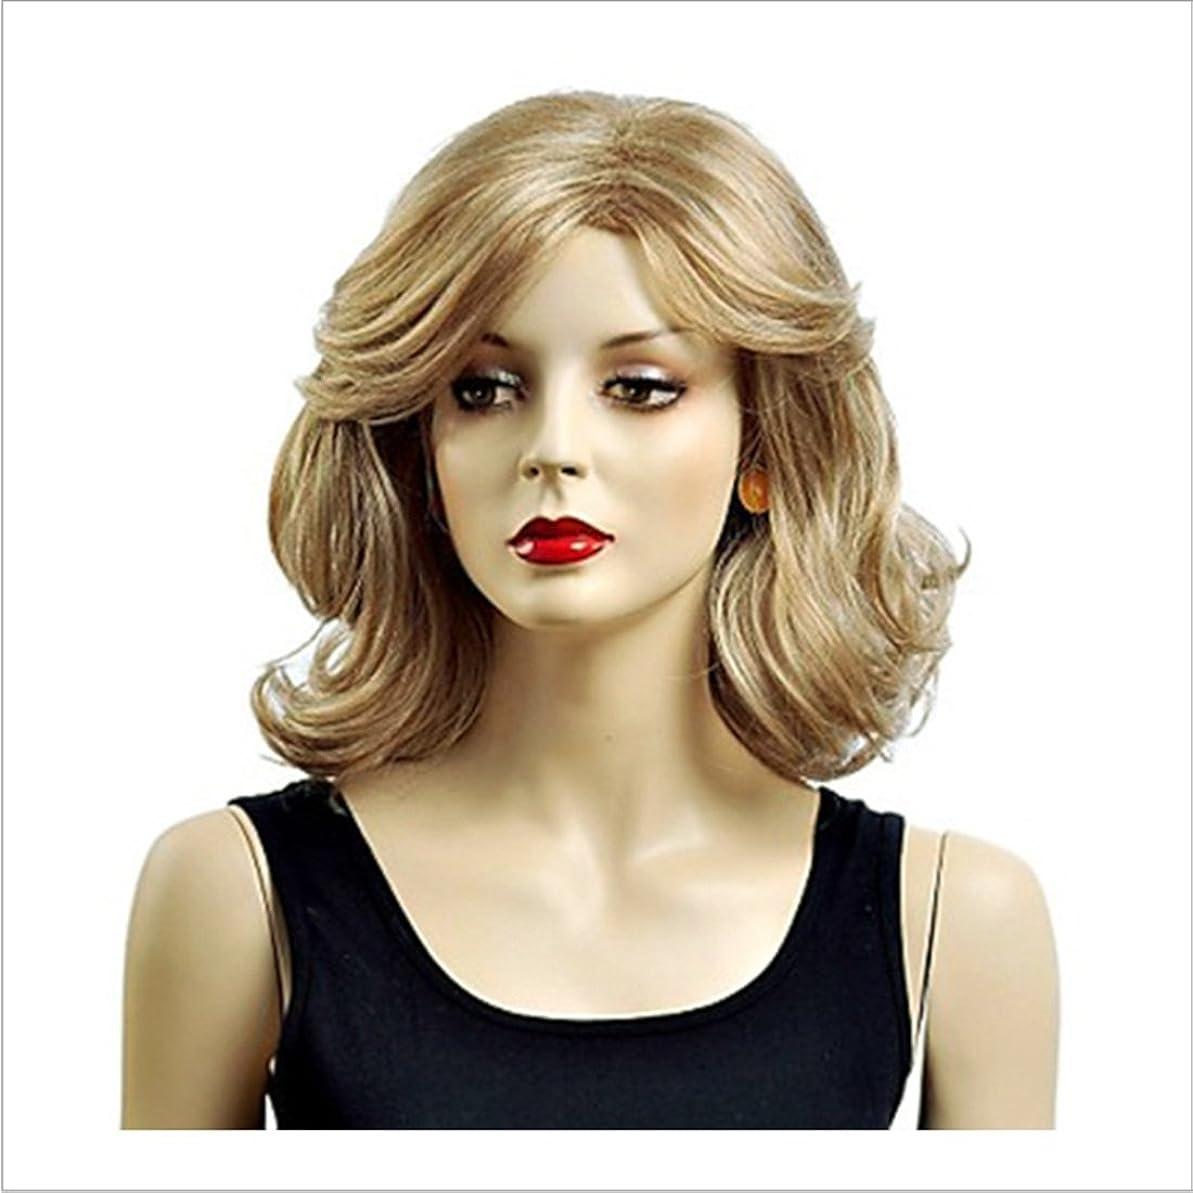 尊厳聡明結婚式JIANFU 白い女性のためのかつらゴールドカーリーウィッグ短いふわふわした波状の合成髪自然なカーリーウィッグを見て毎日のウィッグスプリットバンと耐熱16